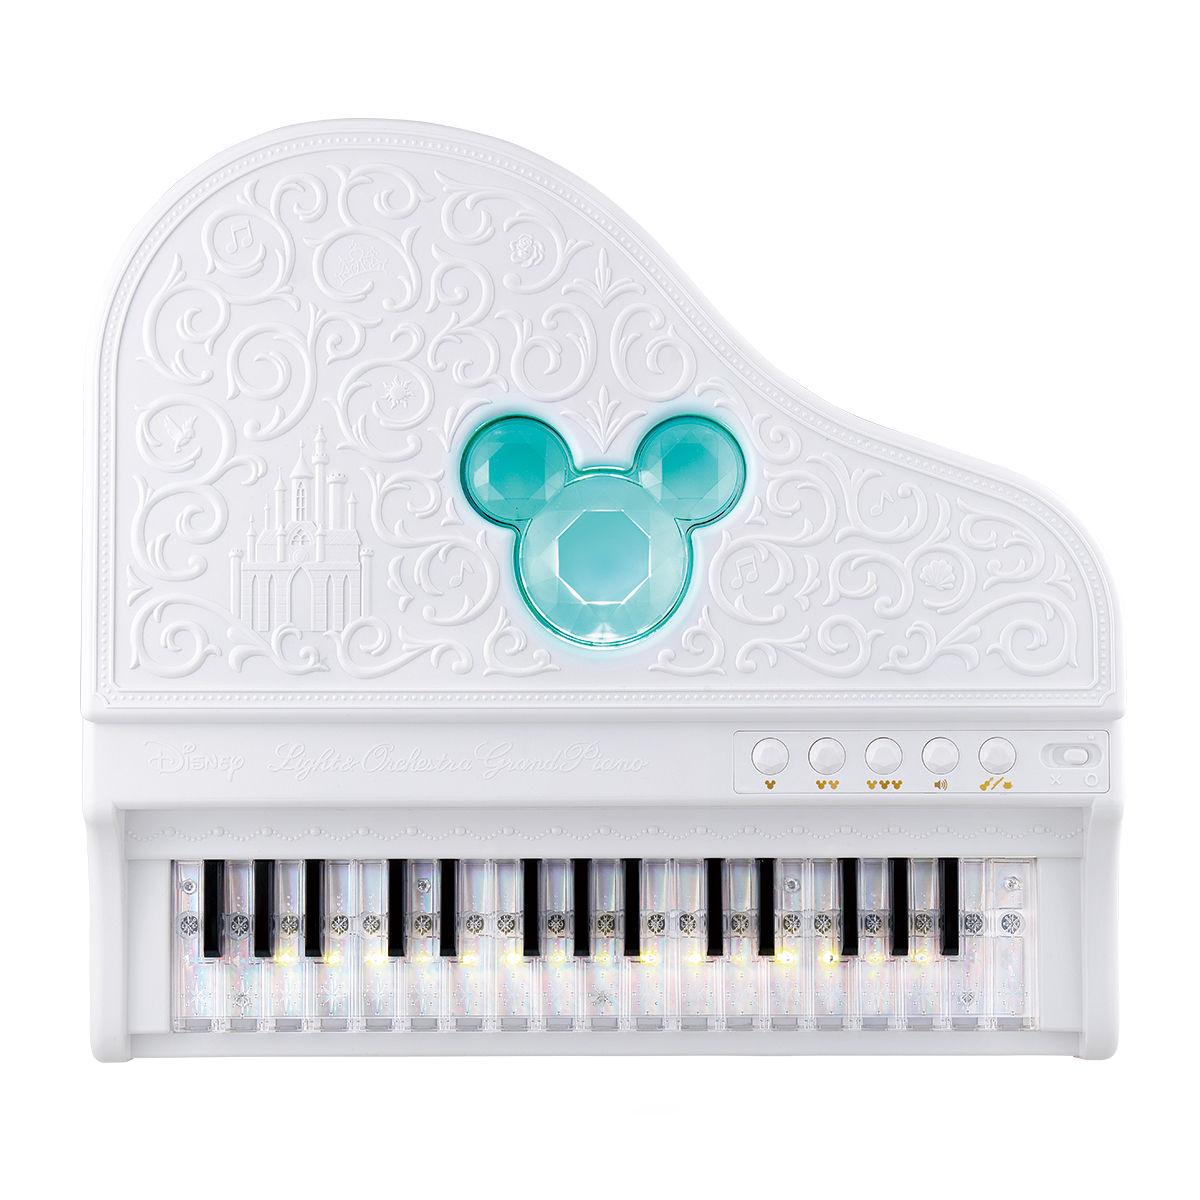 ディズニー&ピクサーキャラクターズ ライト&オーケストラグランドピアノ